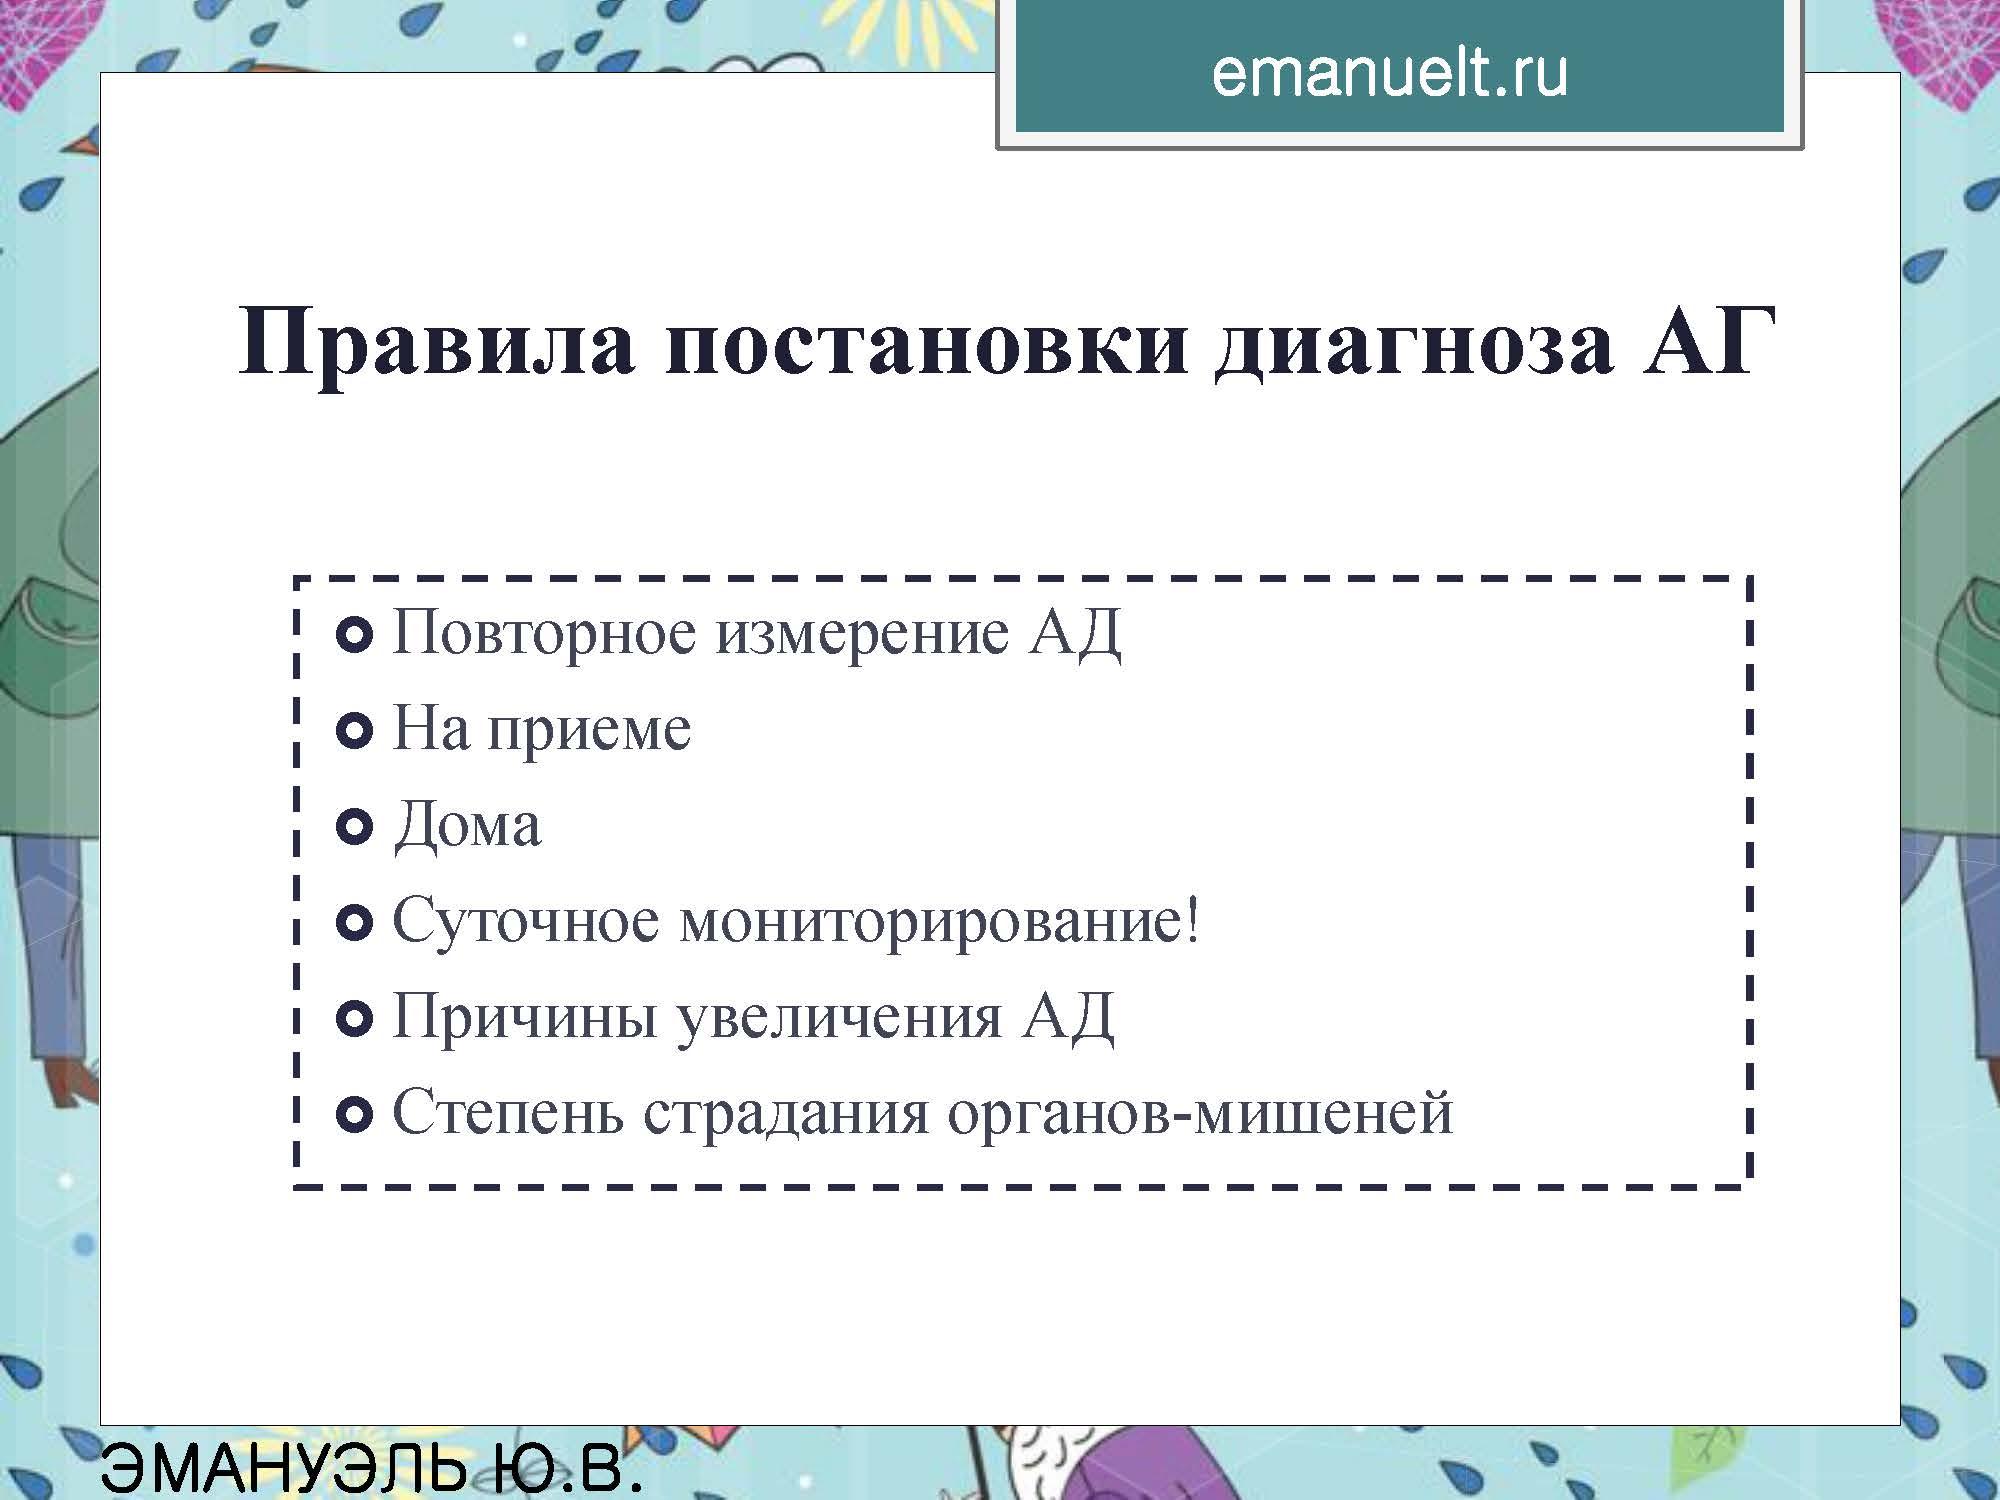 Секция 8. ЭЮВ. СПбГМУ.  26.03_Страница_21